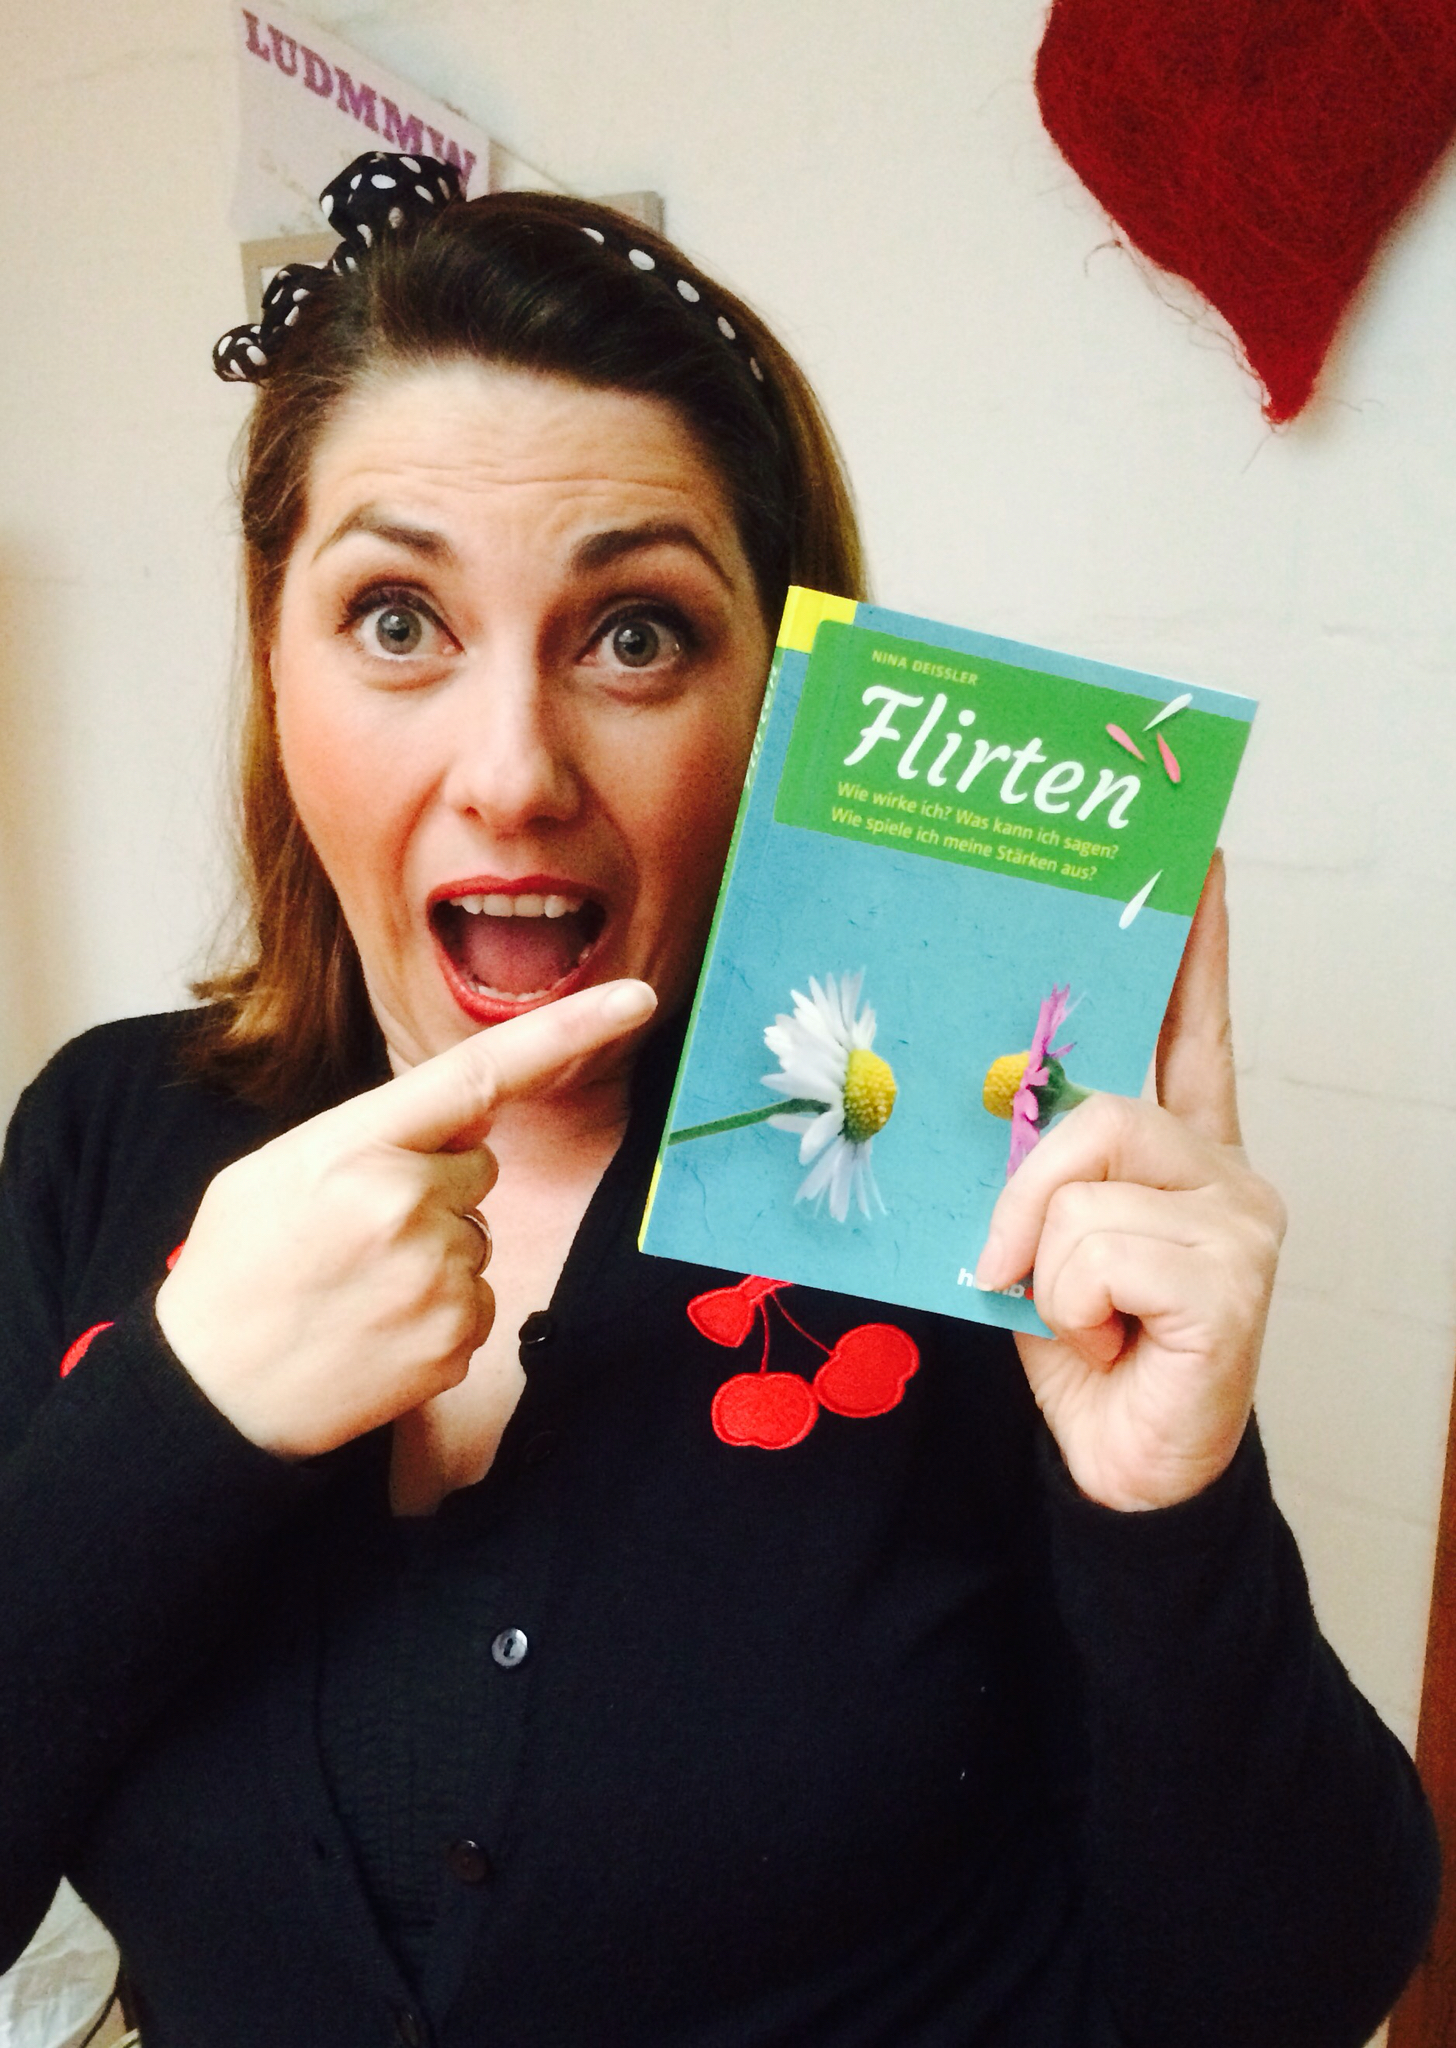 Flirten wie wirke ich was kann ich sagen wie spiele ich meine stärken aus eBook: Flirten von Nina Deißler, ISBN , Sofort-Download kaufen -